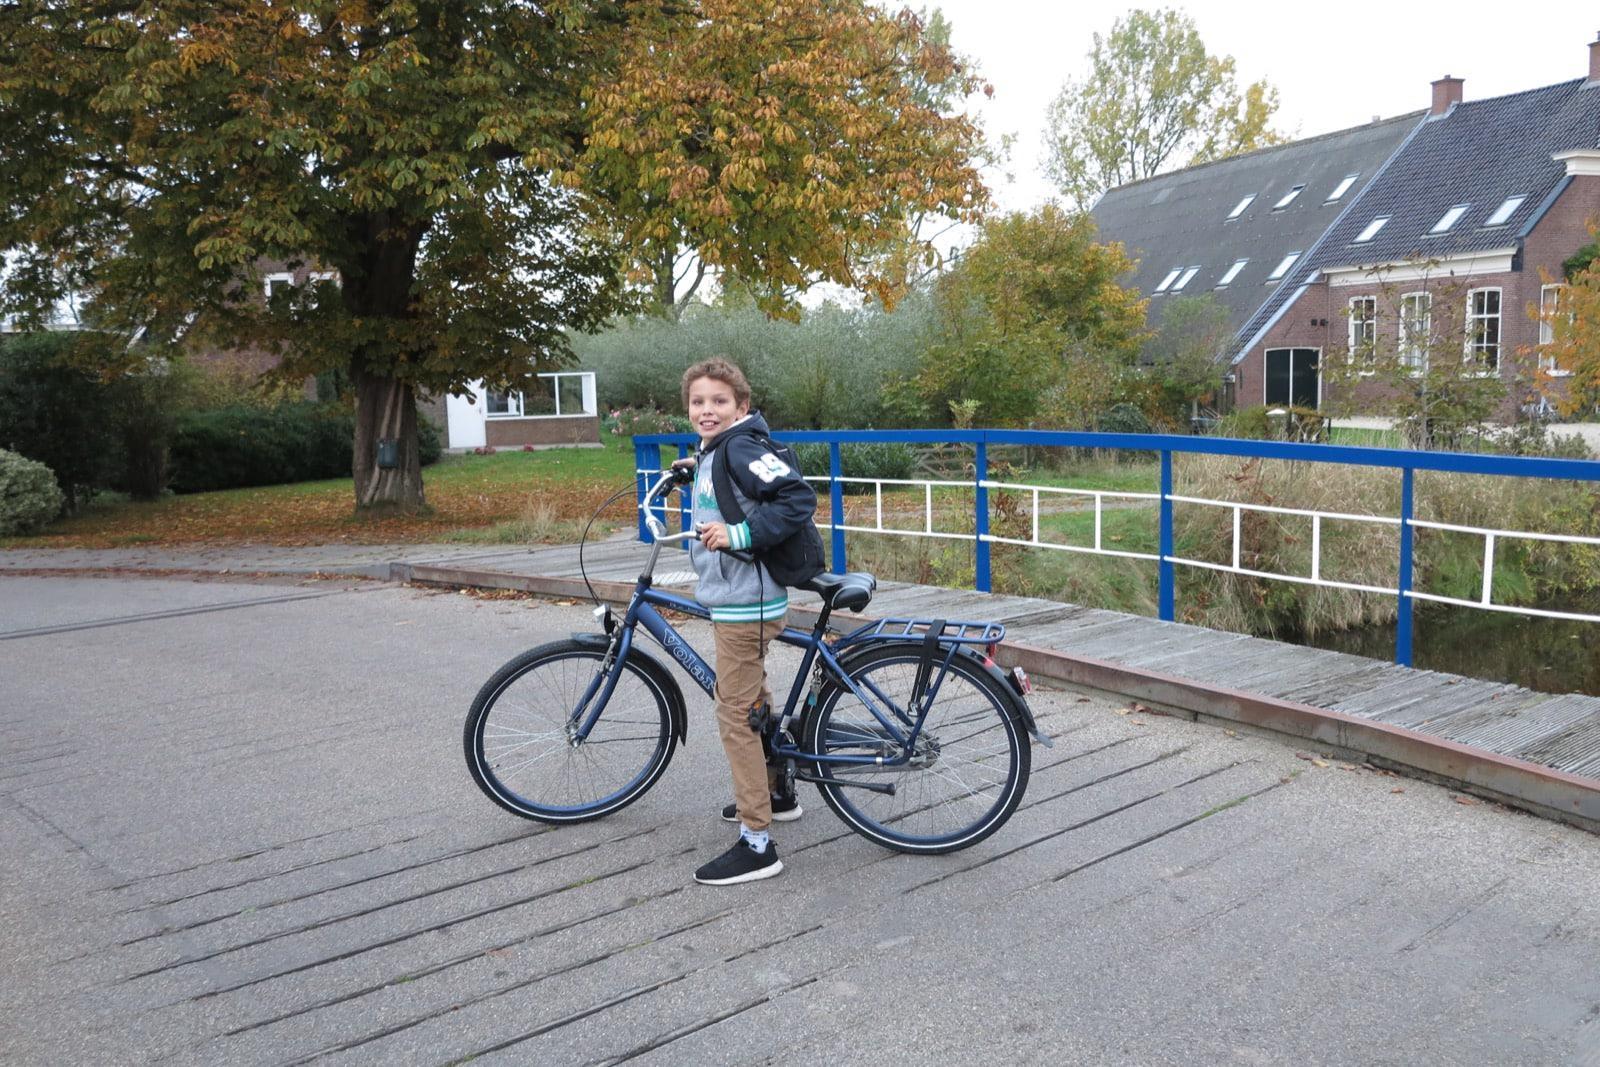 et-fiets-en-fietser-93-kayl-liefhebber---woont-aan-molenweg-oi.jpg